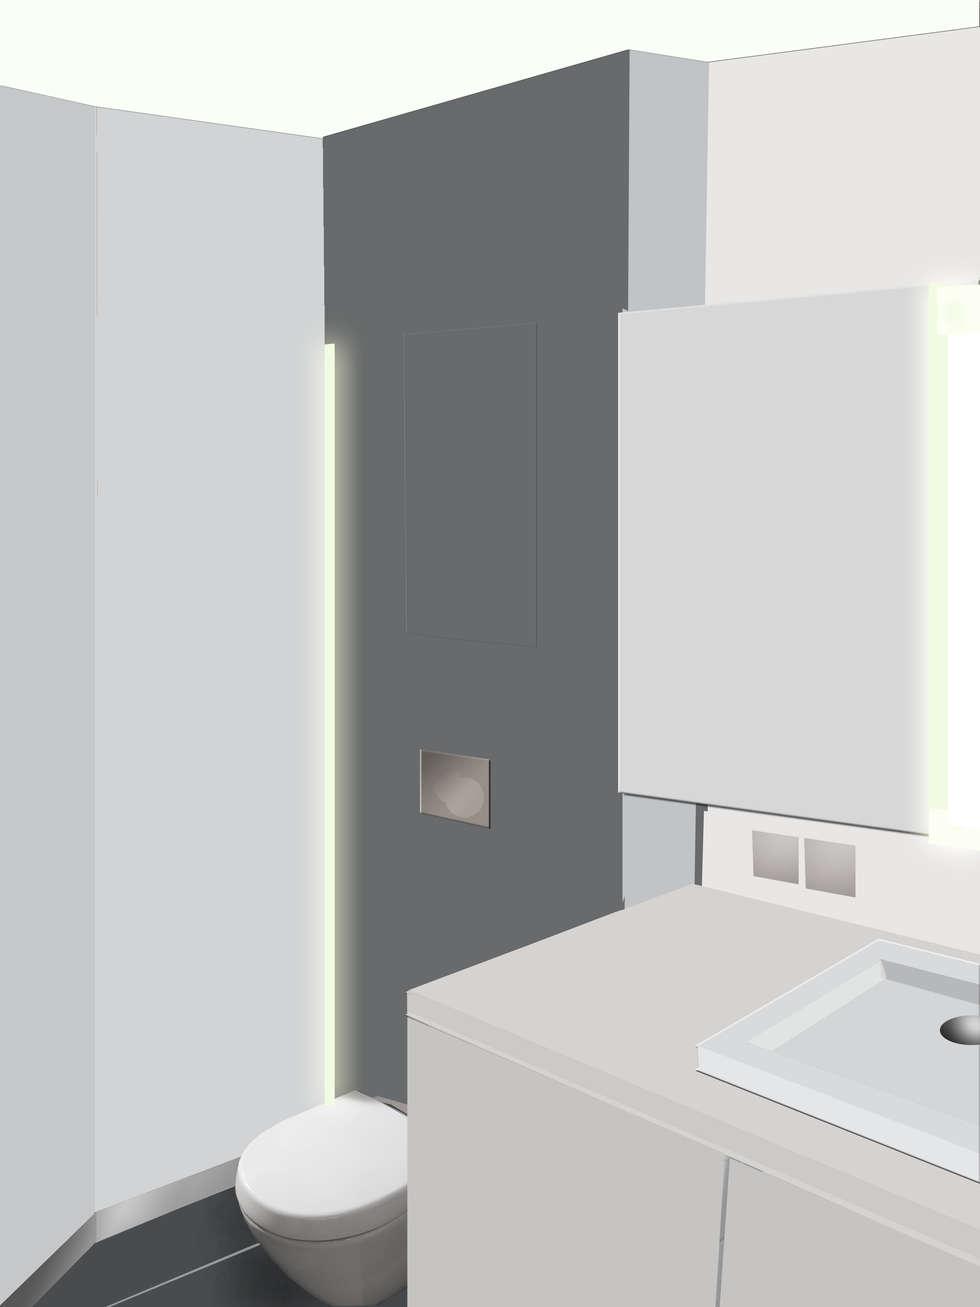 Proposition retouchée de la salle de bain: Salle de bains de style  par cbm interiors sas